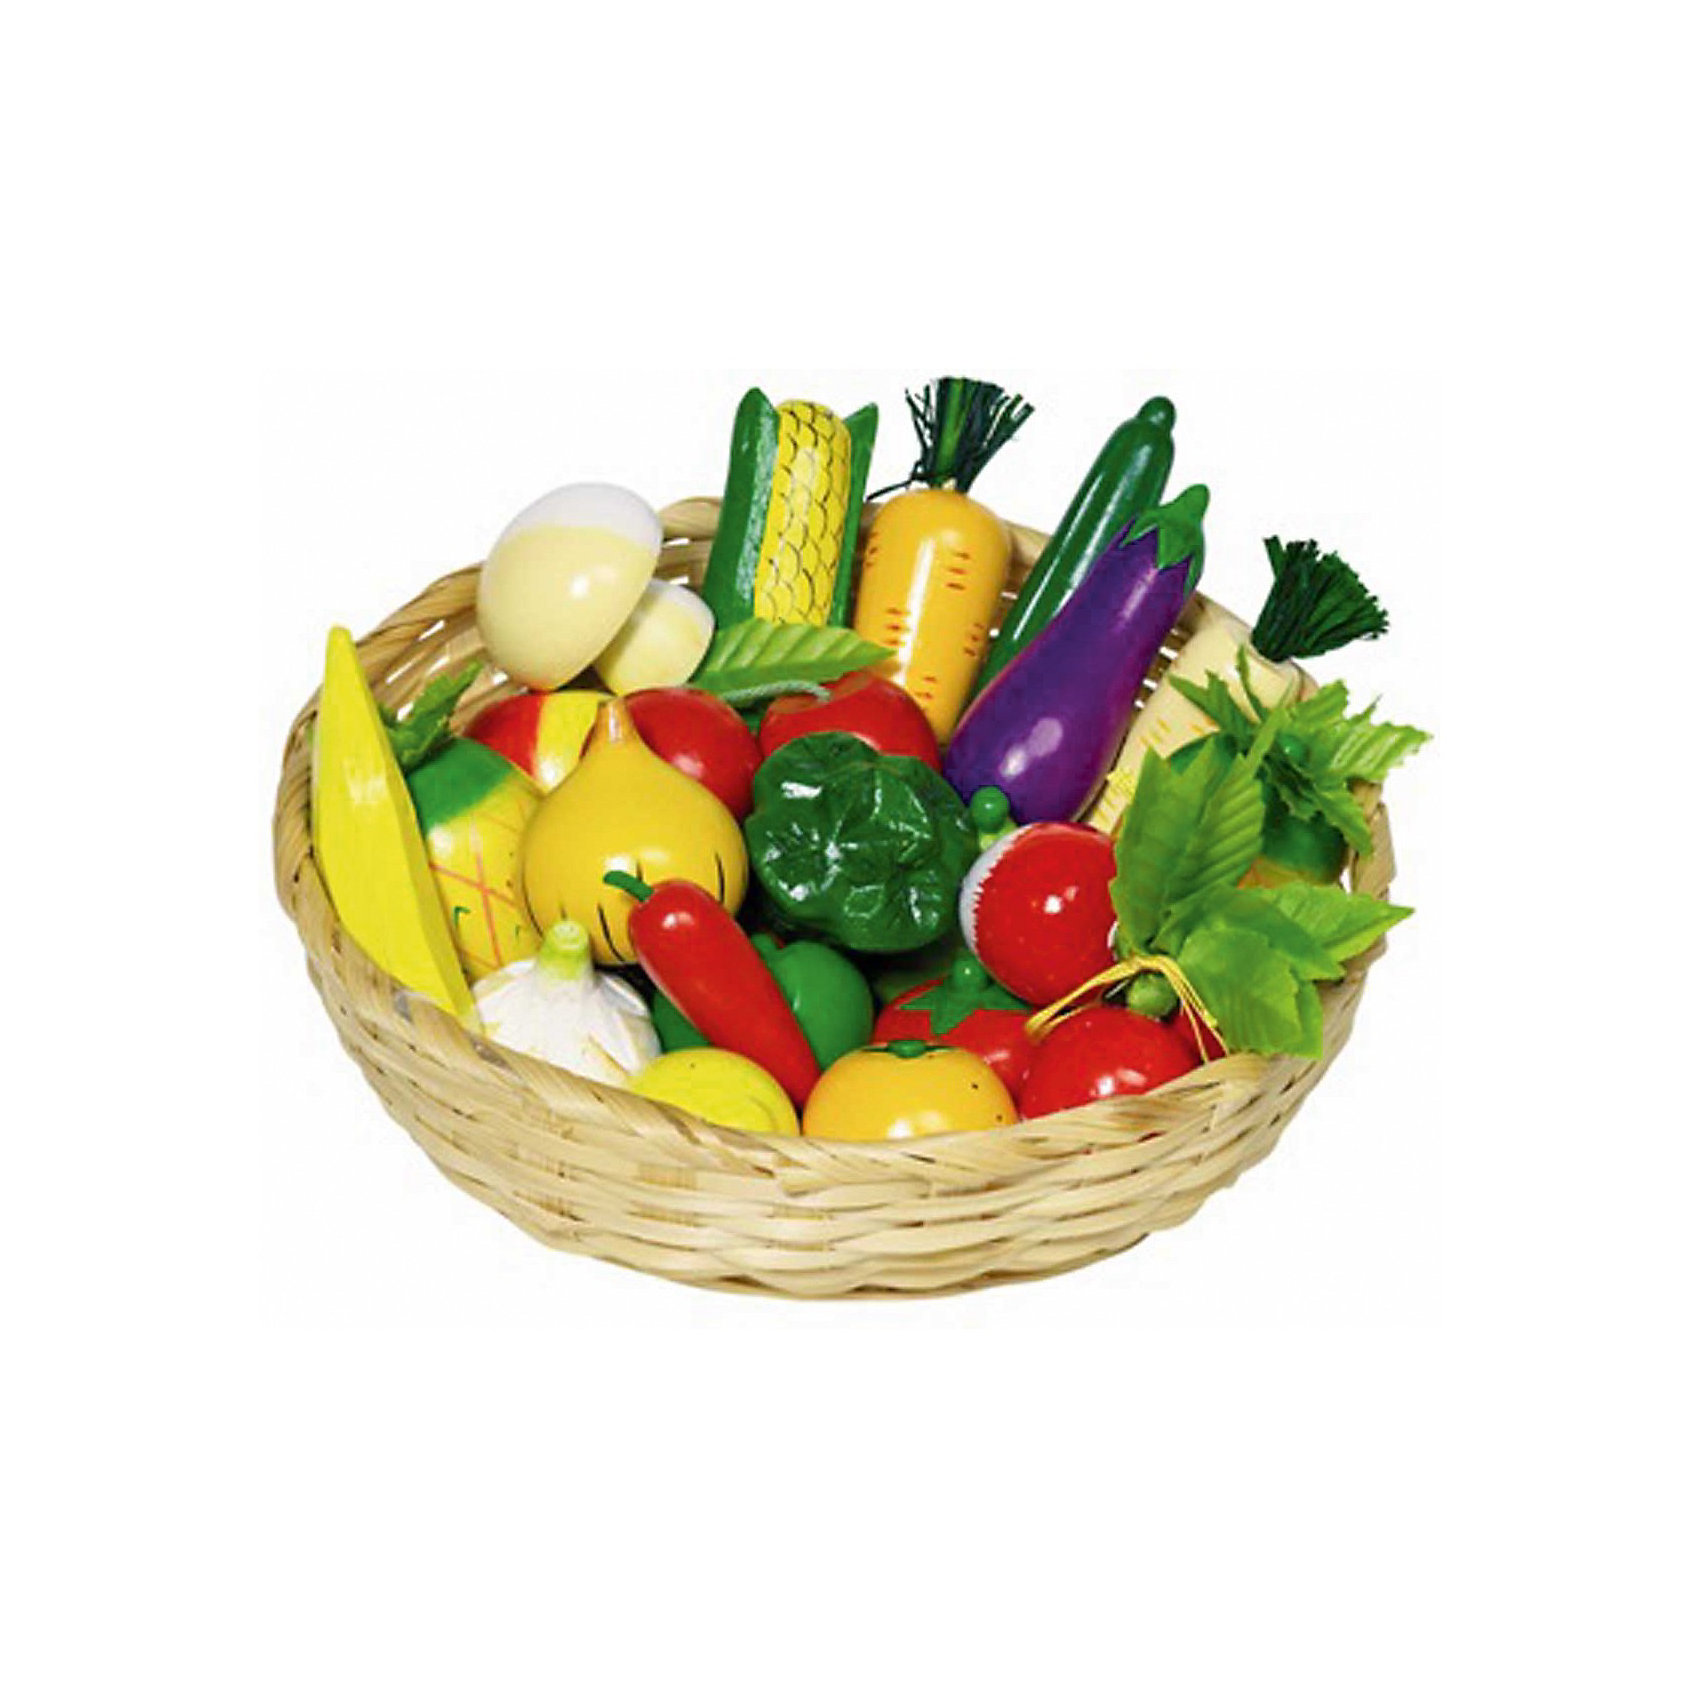 goki Набор игрушечный Овощи и Фрукты 23шт в корзинке, GOKI игнатова а овощи и фрукты